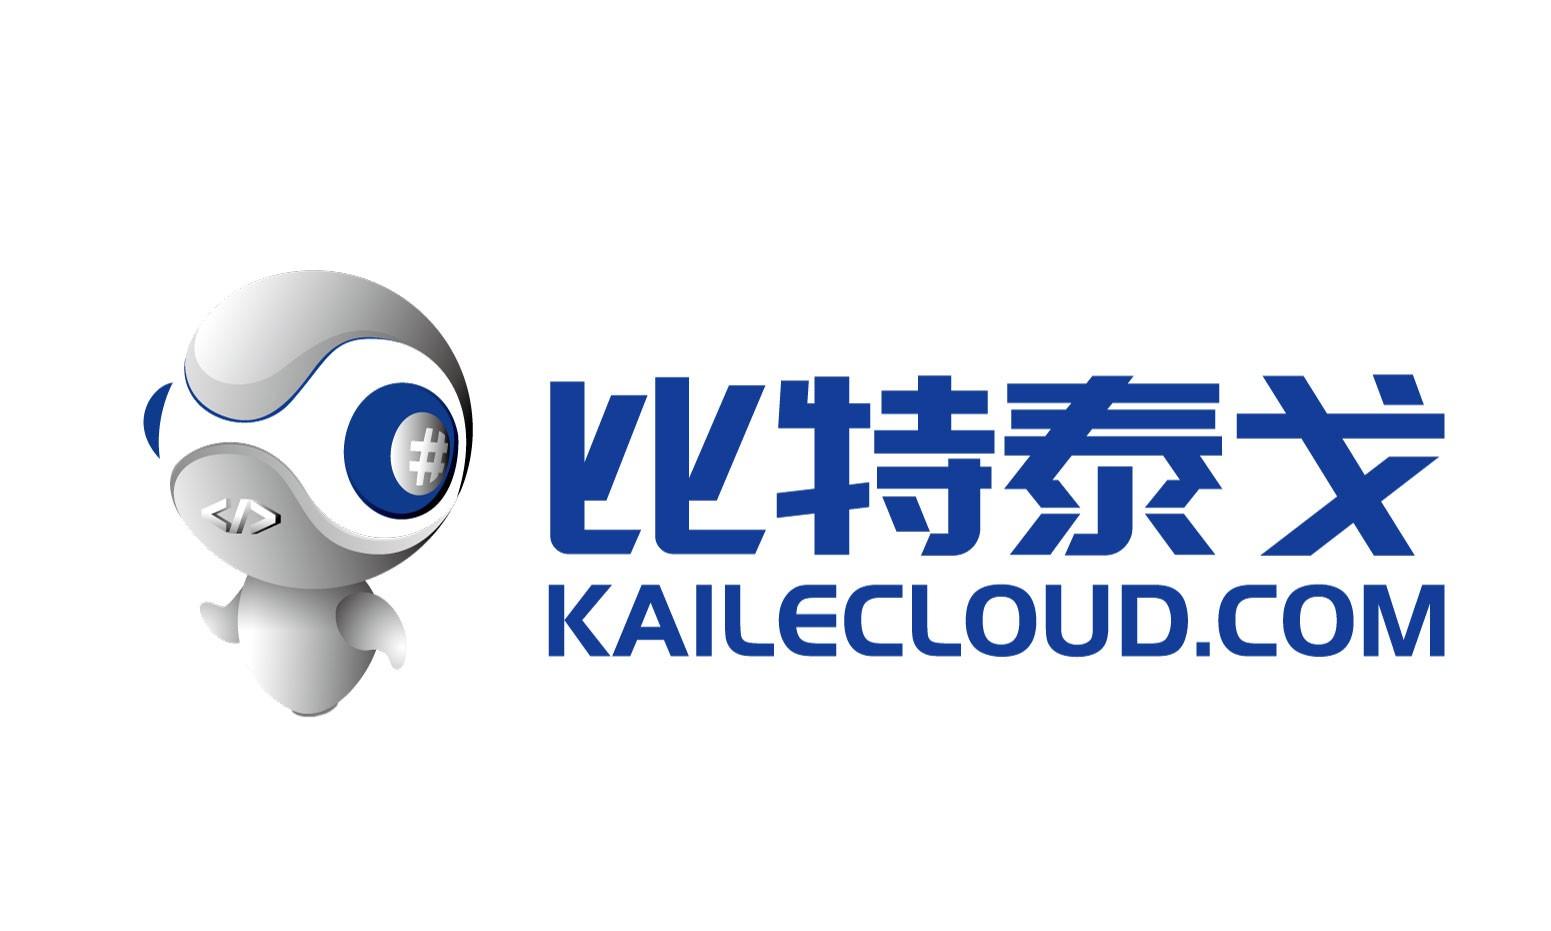 天津恺乐云计算服务有限公司